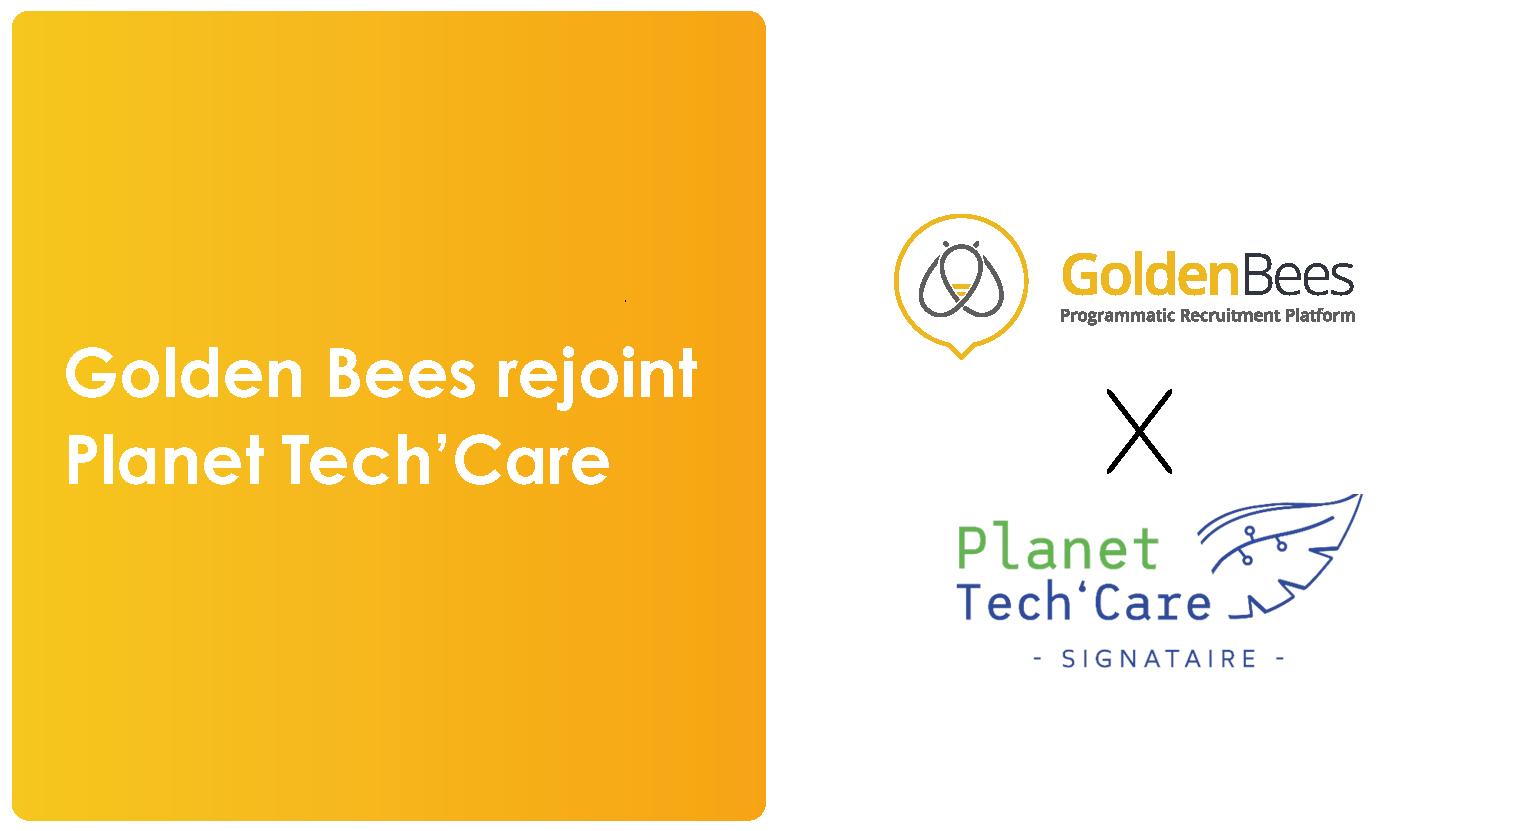 Golden Bees rejoint Planet Tech Care - Numerique Responsable-1